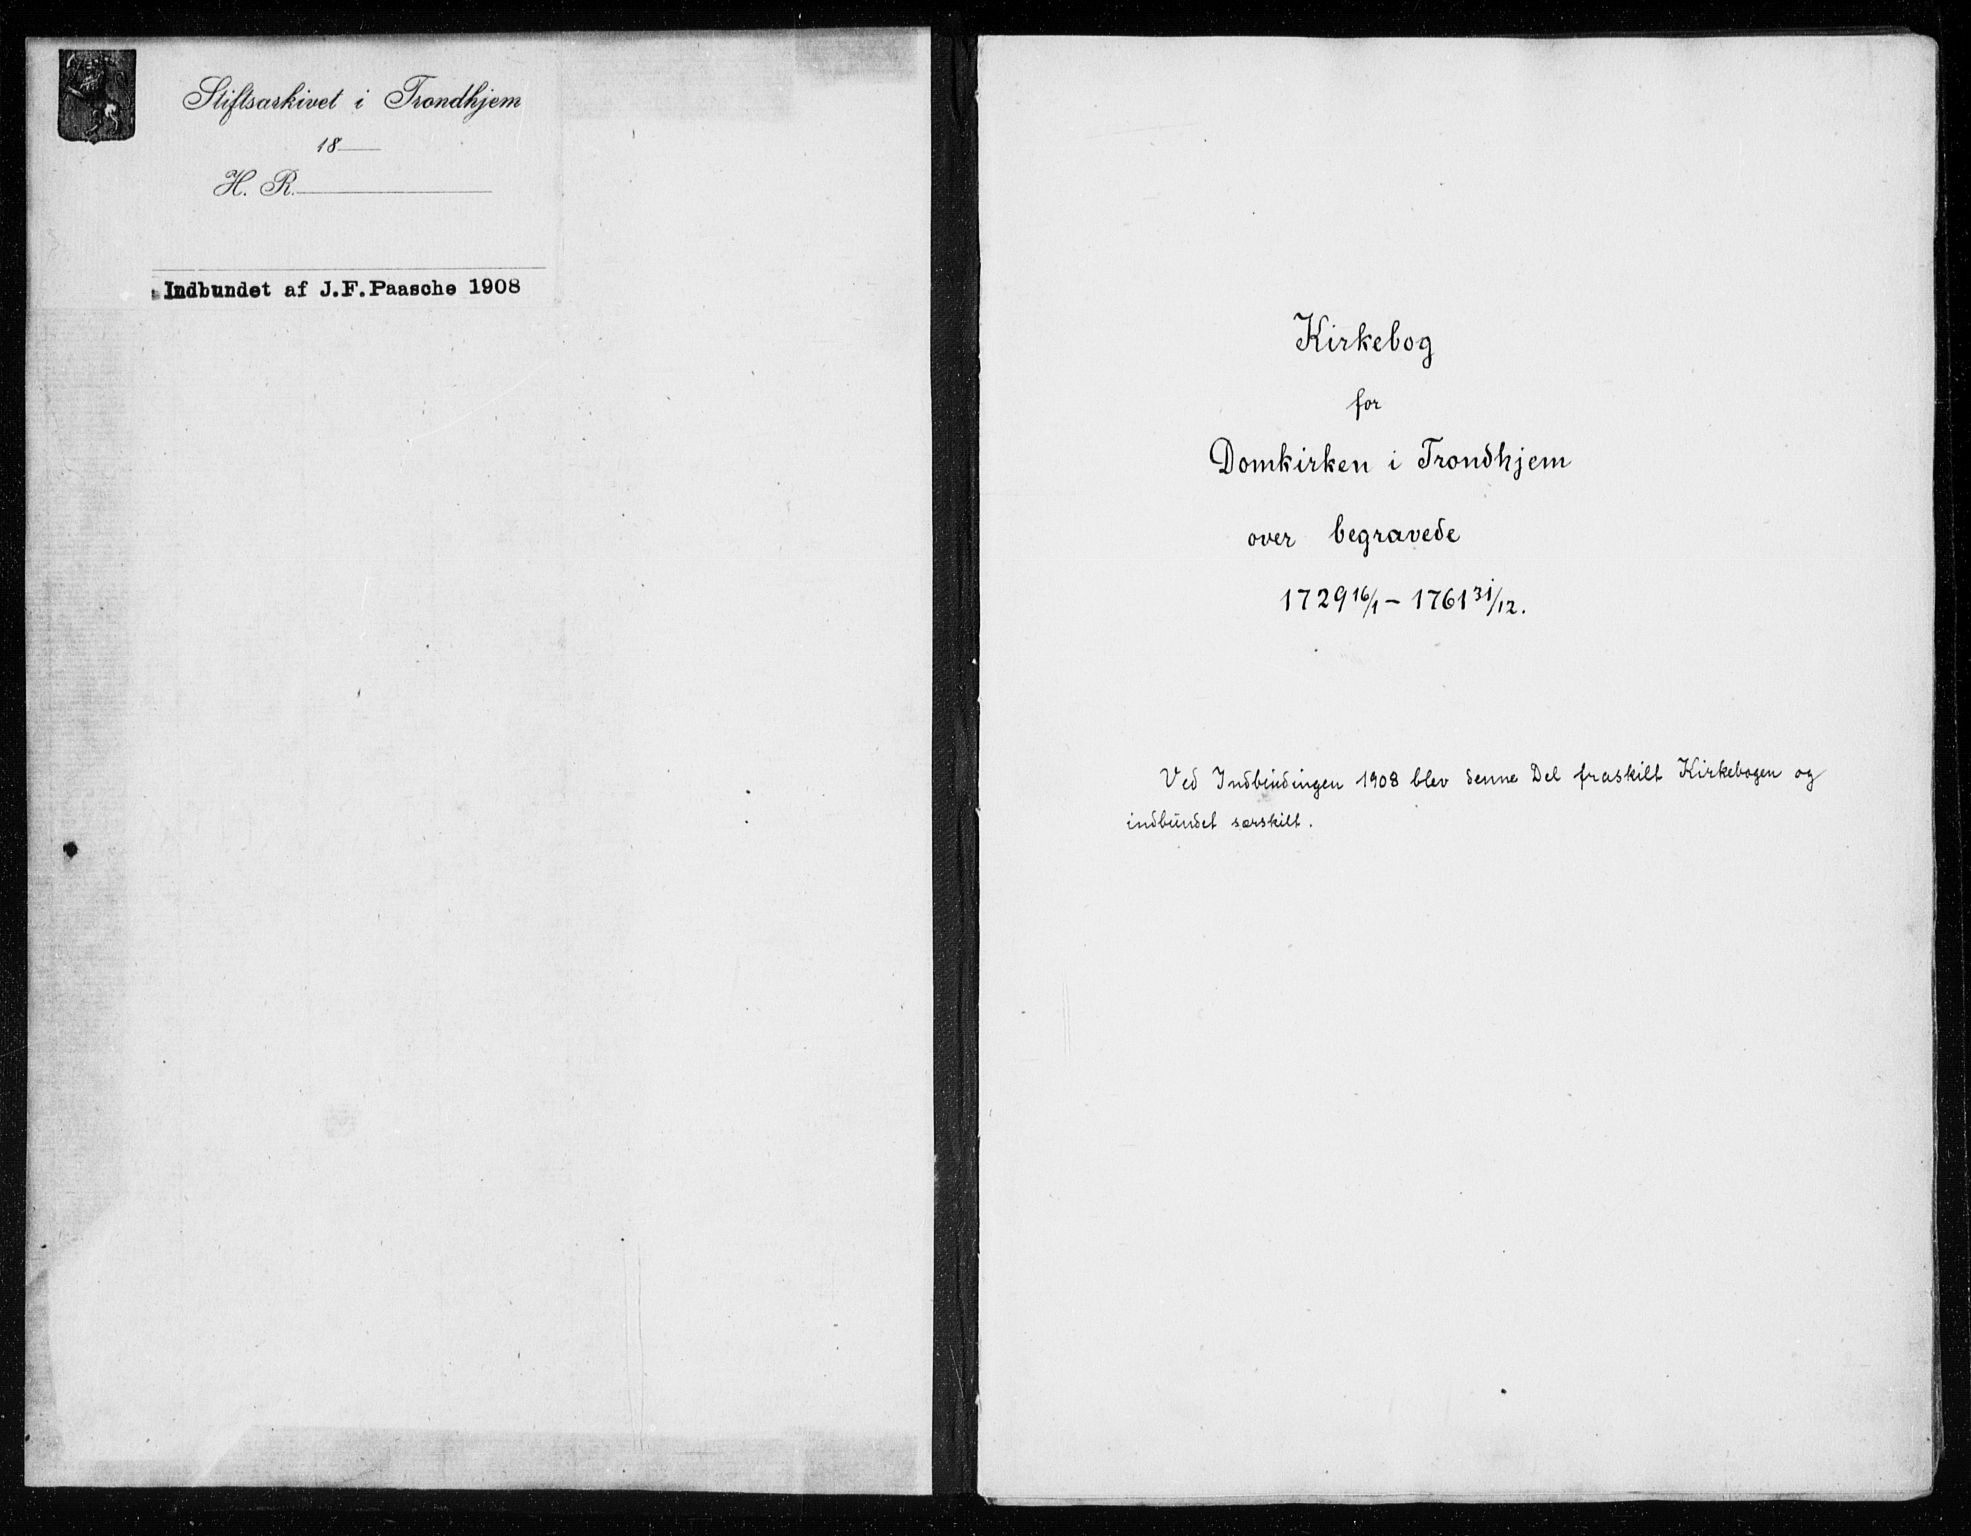 SAT, Ministerialprotokoller, klokkerbøker og fødselsregistre - Sør-Trøndelag, 601/L0037: Parish register (official) no. 601A05, 1729-1761